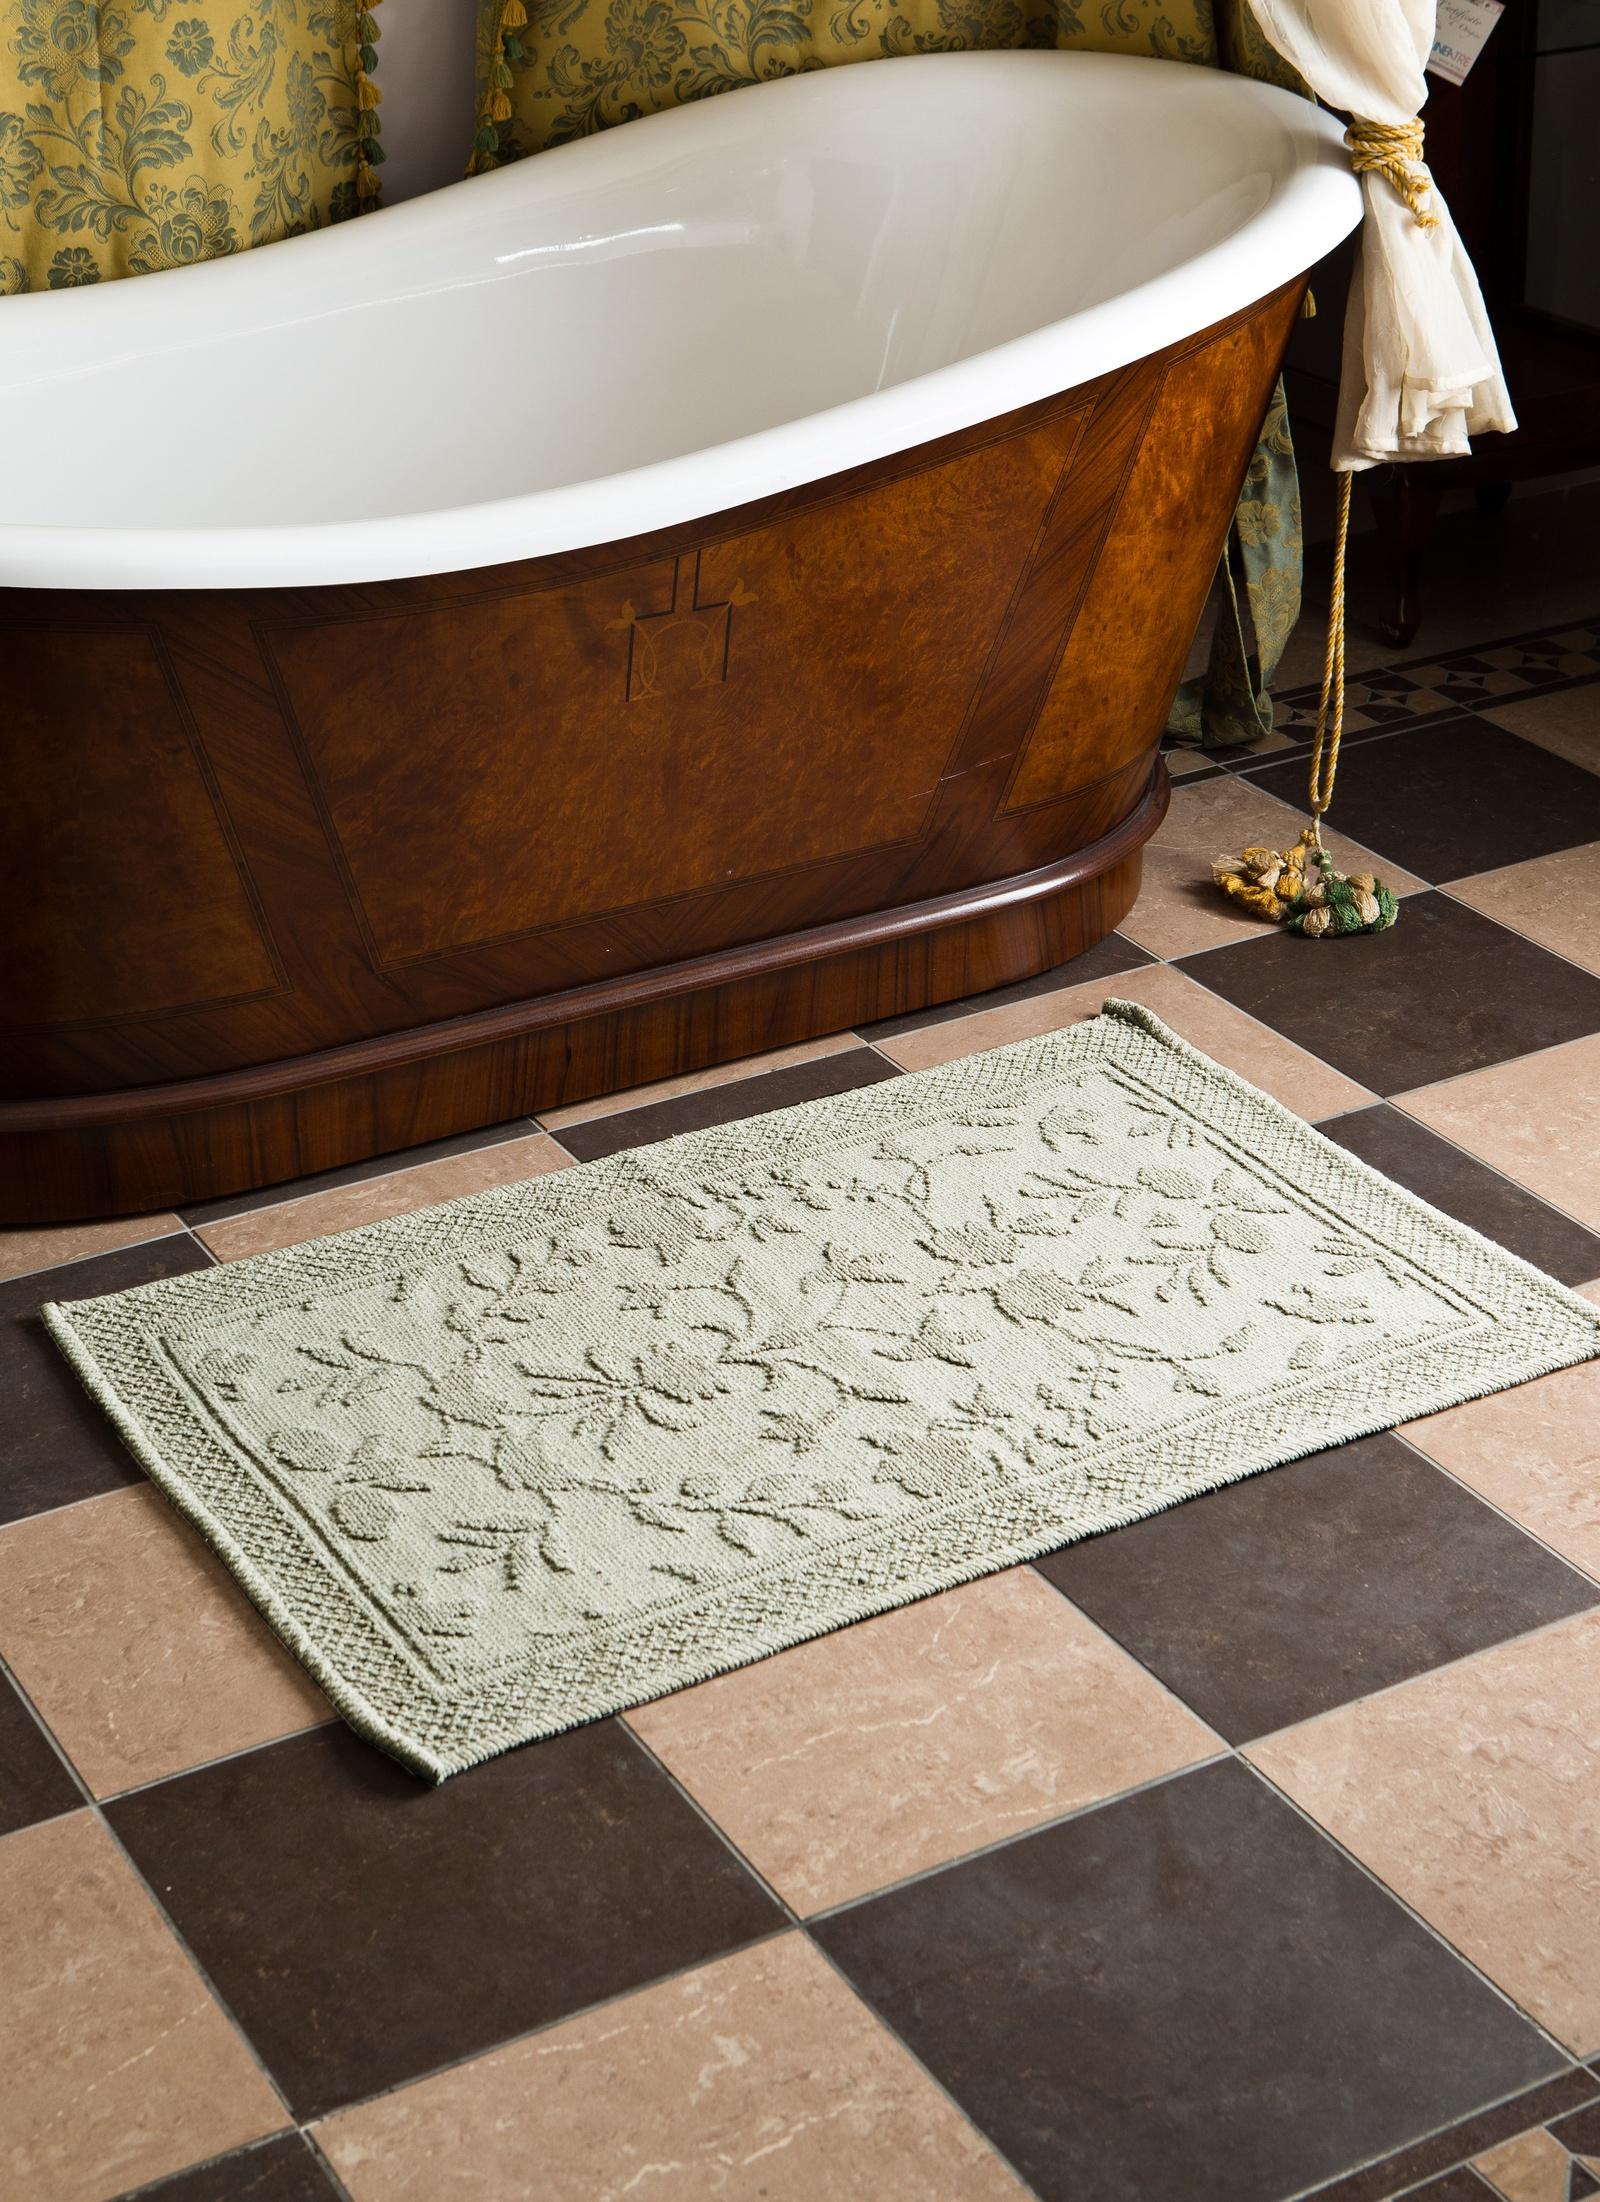 Фото - Коврик Arloni Кармен, 1206.1, 50 х 80 см, серебро arloni коврик самотканный для ванной